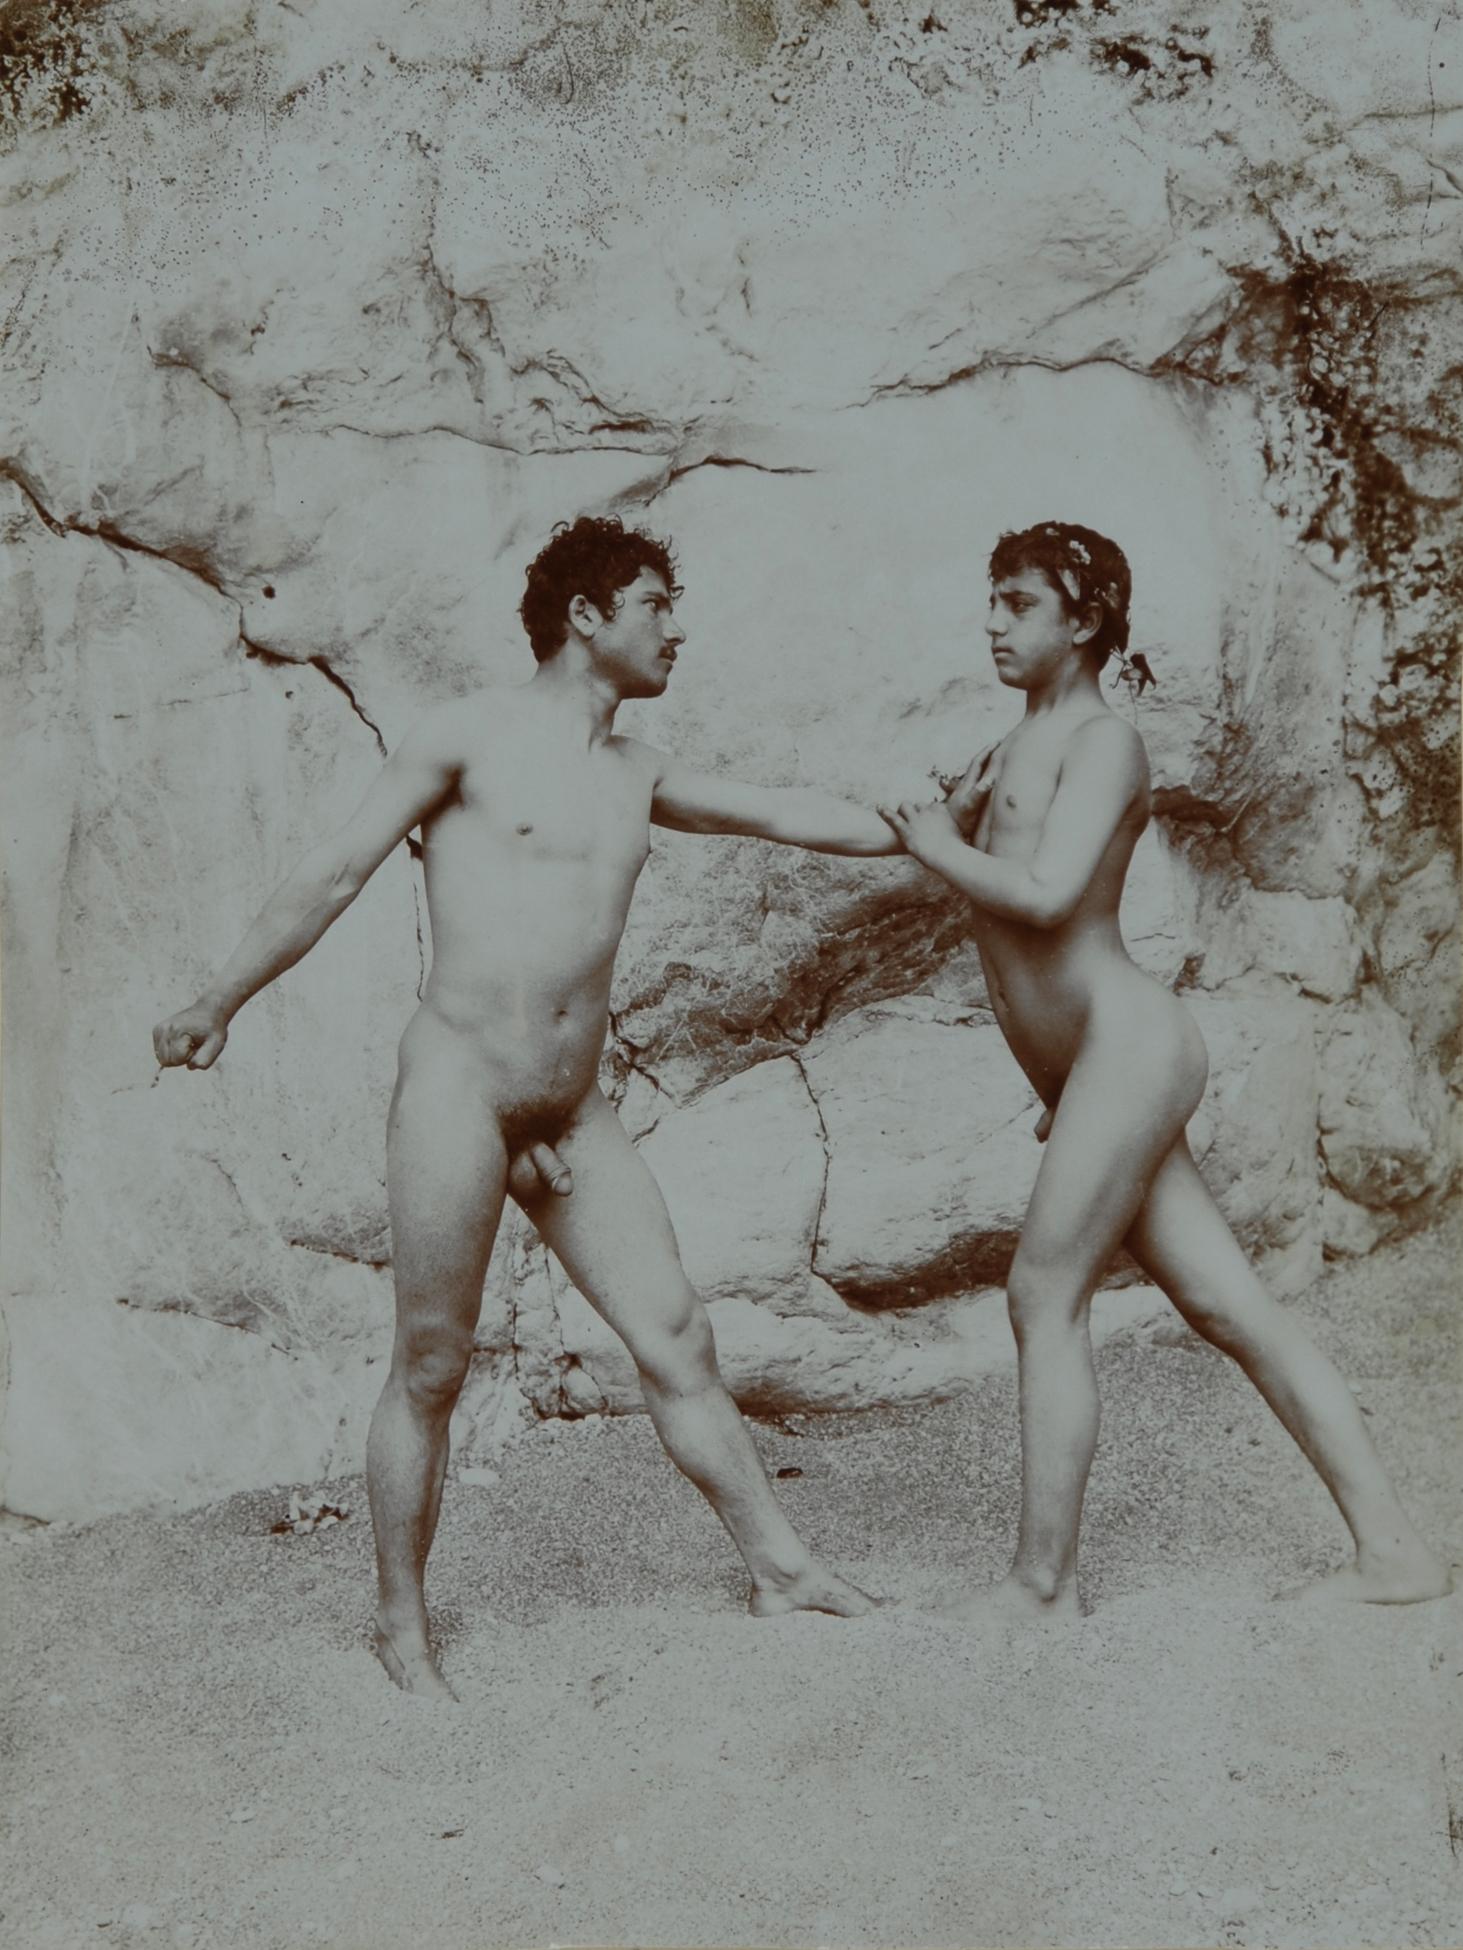 Gloeden Wilhelm von, 2 photographs: Zwei sizilianische Jünglinge beim Kampf; Rückenakt eines sizilianischen Jünglings